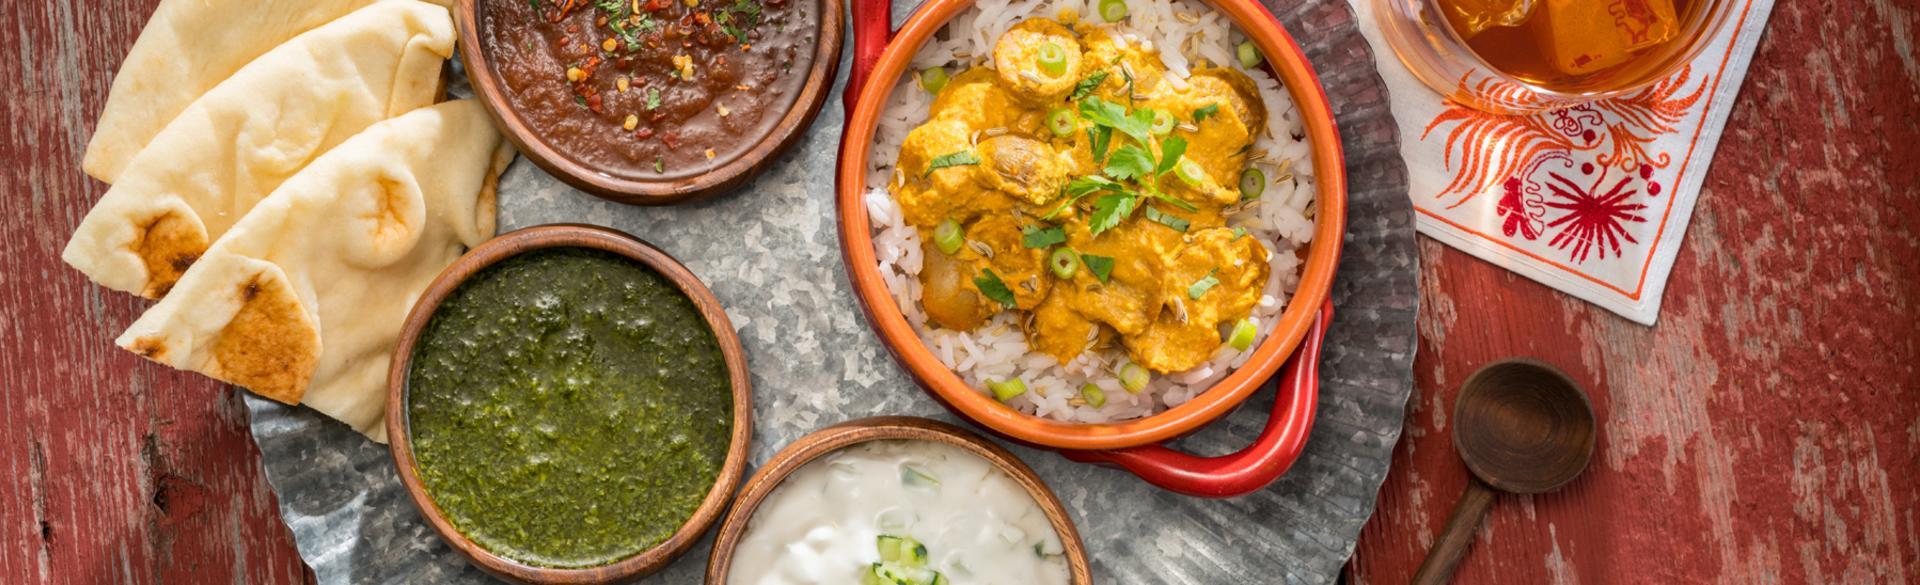 Restaurant Week Indian platter